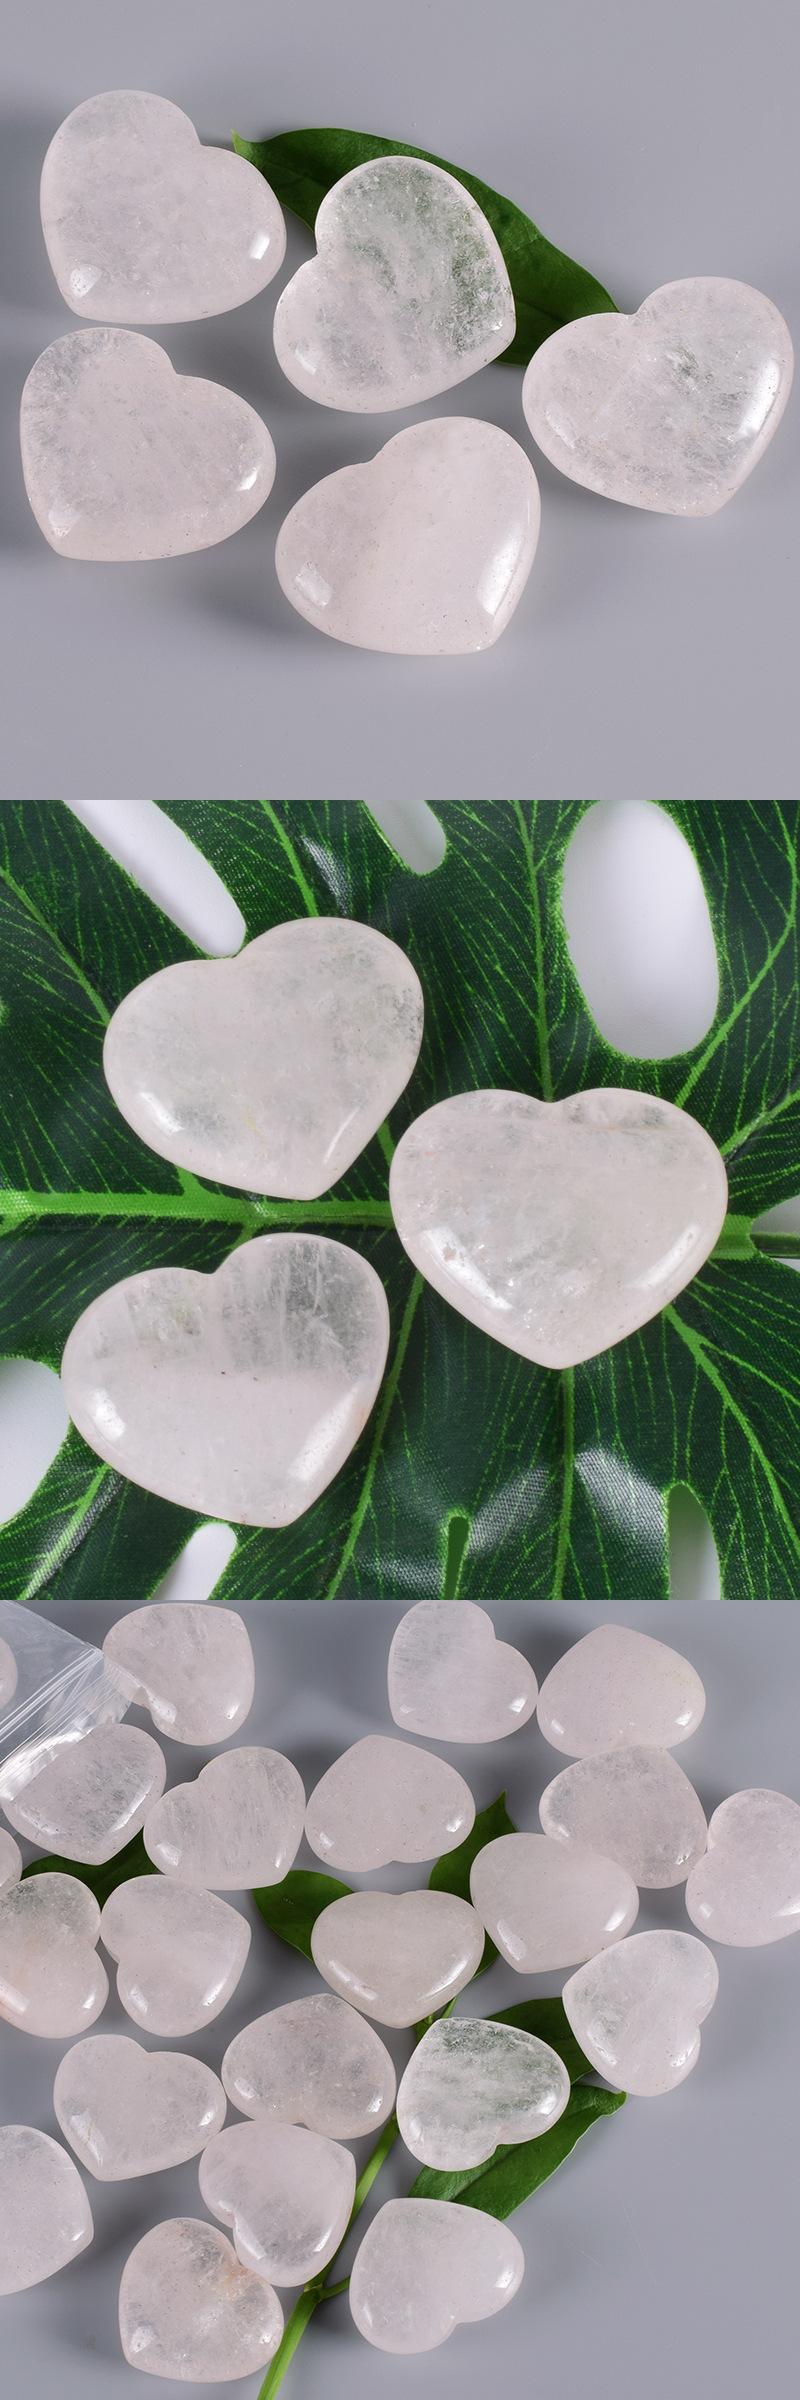 Healing crystals clear quartz heart small 30mm key